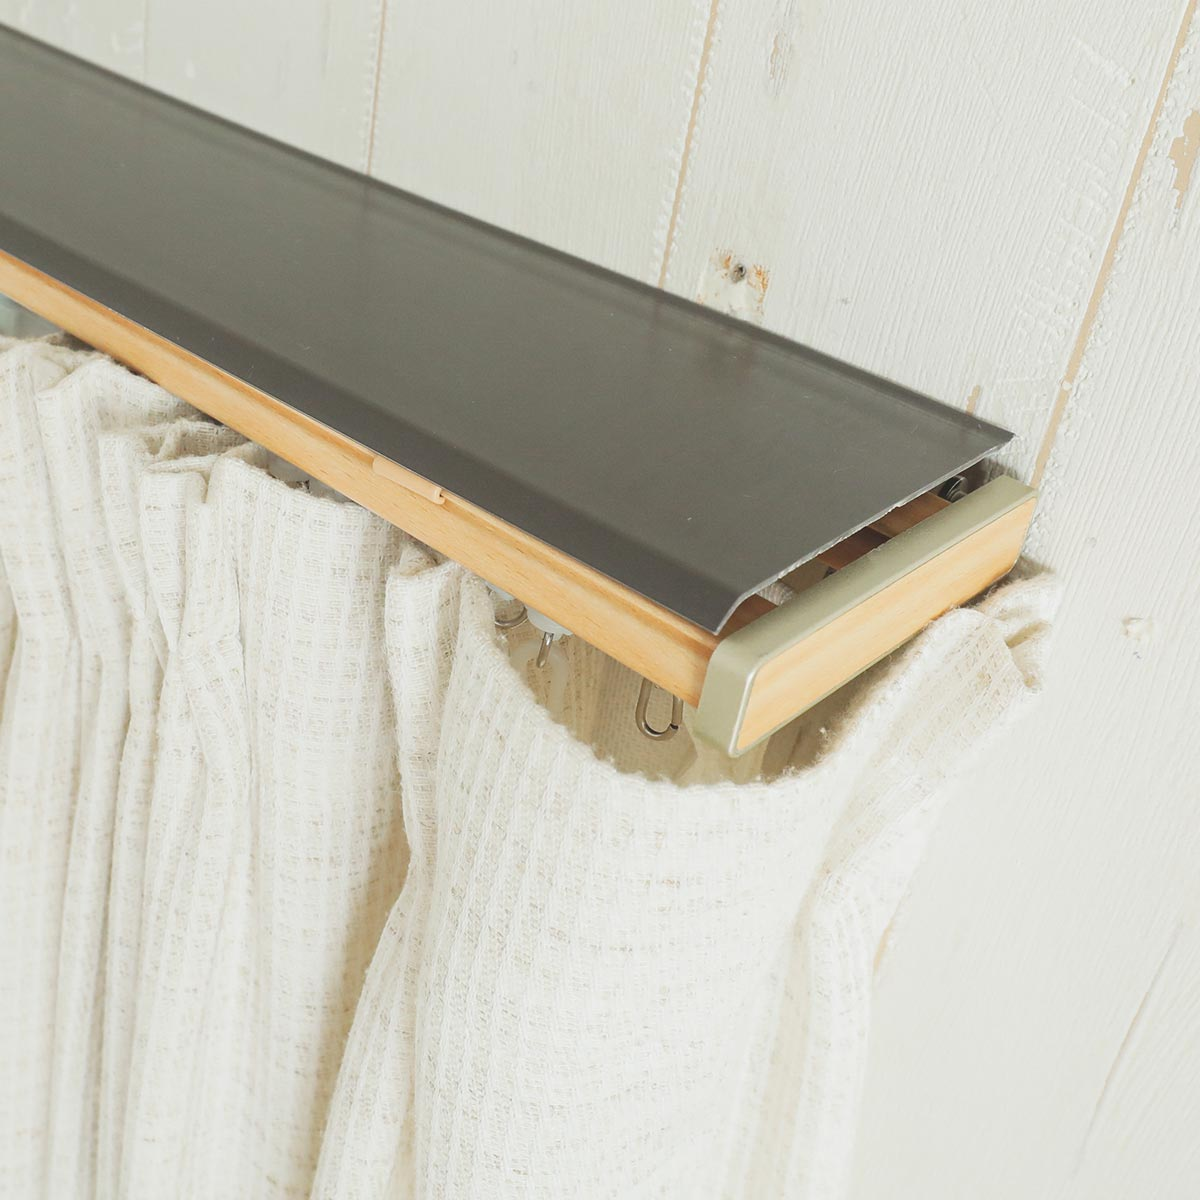 トップカバー付き伸縮カーテンレール グレンディアス 商品画像1